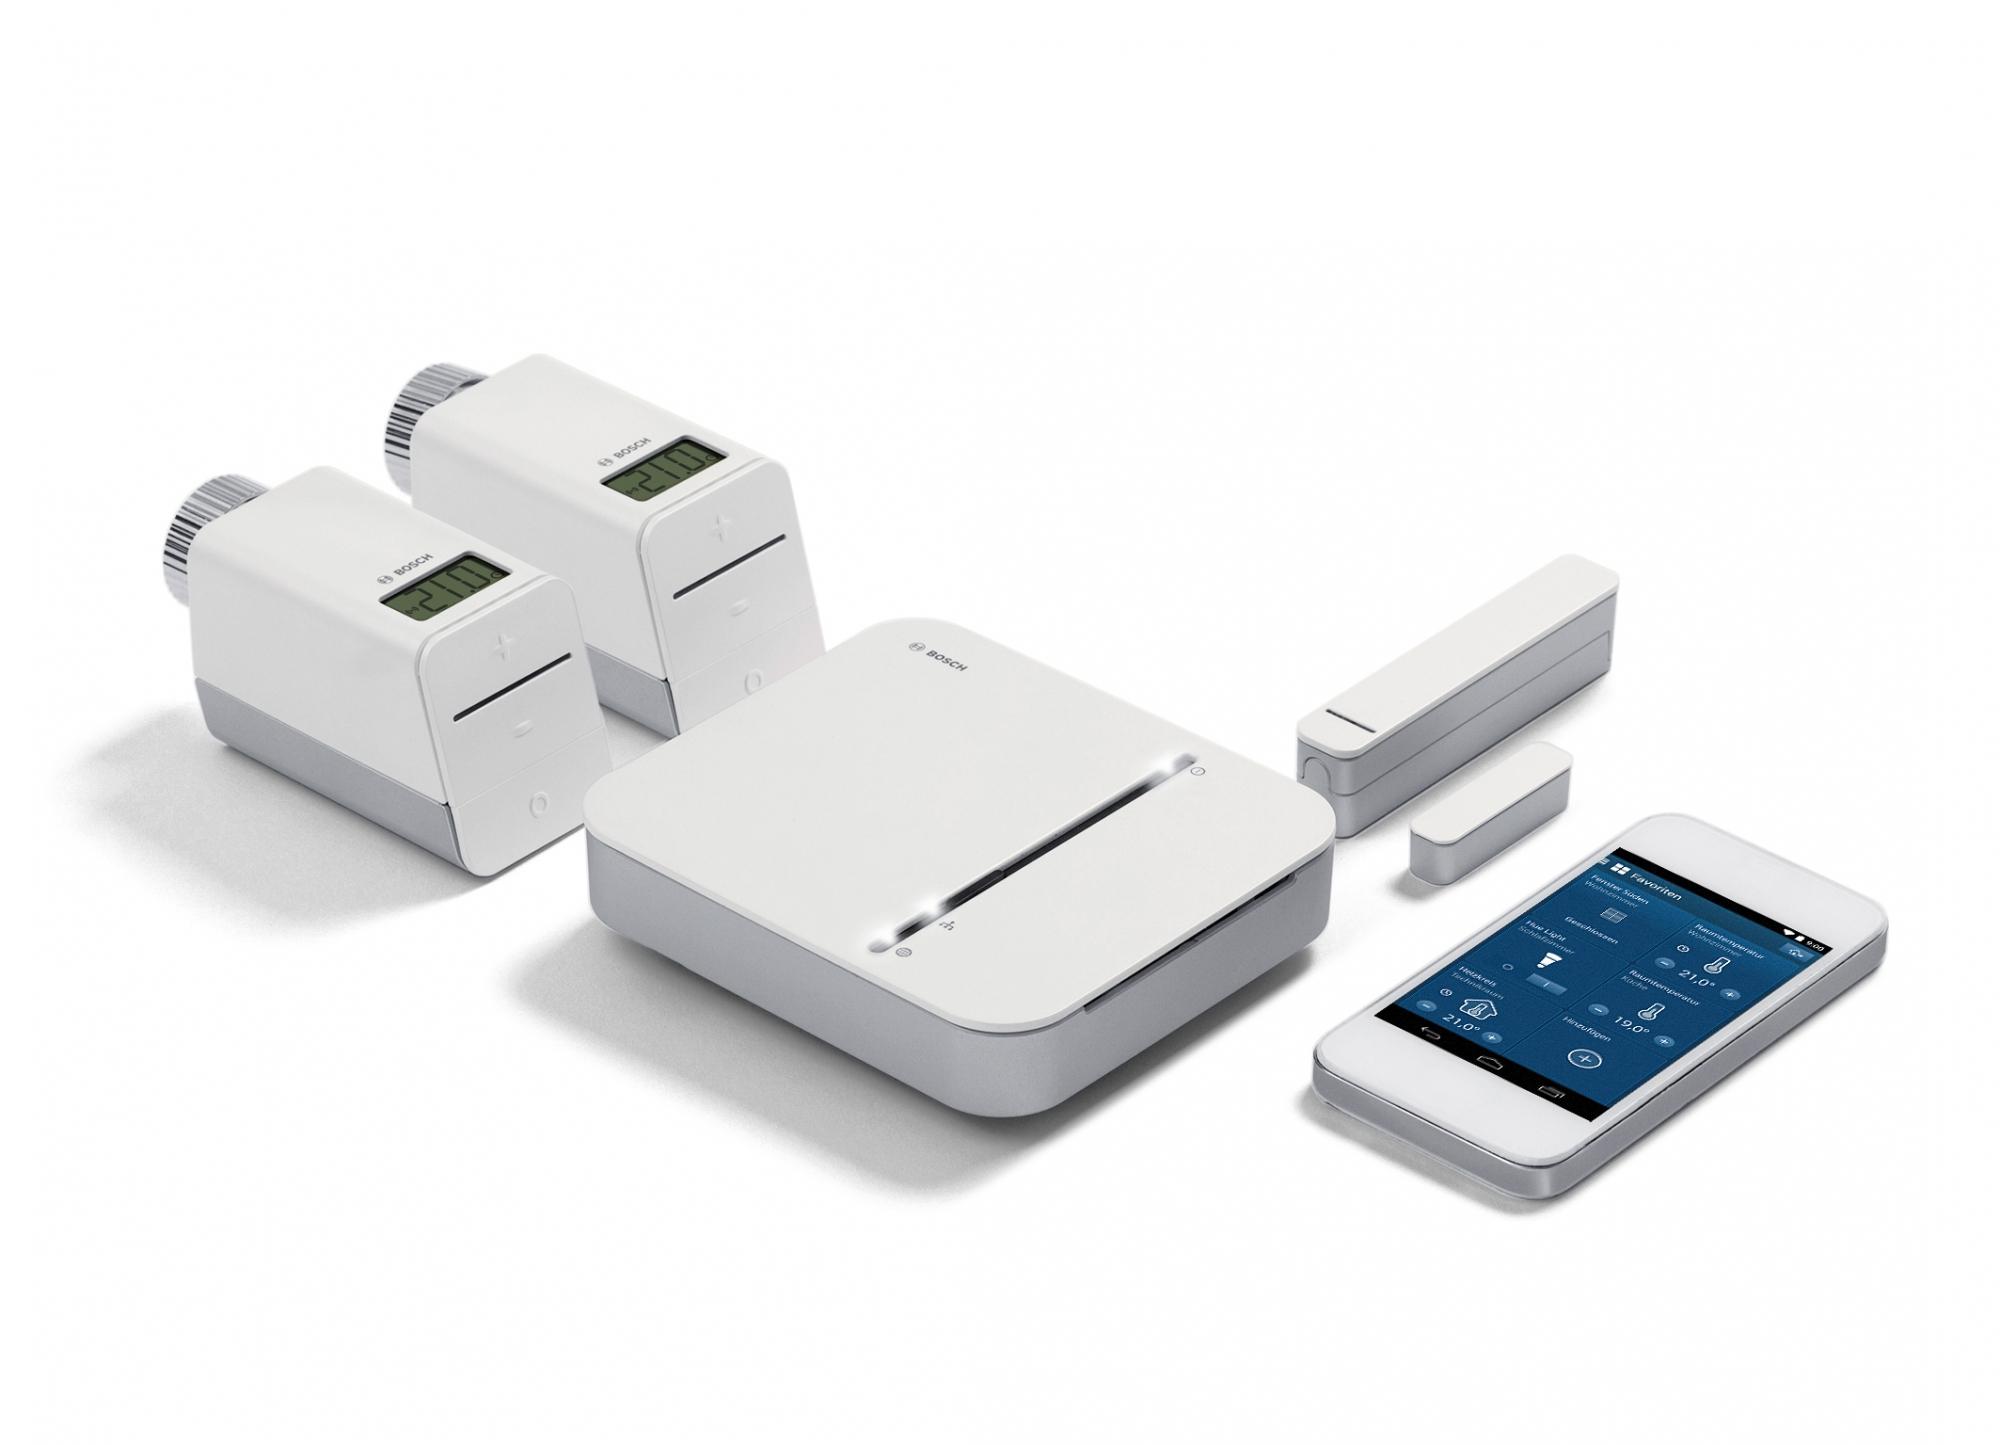 Dzięki systemowym rozwiązaniom Bosch dla inteligentnych budynków, wystarczy jedna platforma do sterowania ogrzewaniem, oświetleniem, działaniem czujek przeciwpożarowych oraz urządzeniami domowymi. Obsługa tych wszystkich urządzeń jest możliwa przy użyciu smartfona lub tabletu. Sercem systemu jest kontroler Bosch, centralna jednostka, która integruje poszczególne komponenty ze sobą oraz z internetem.